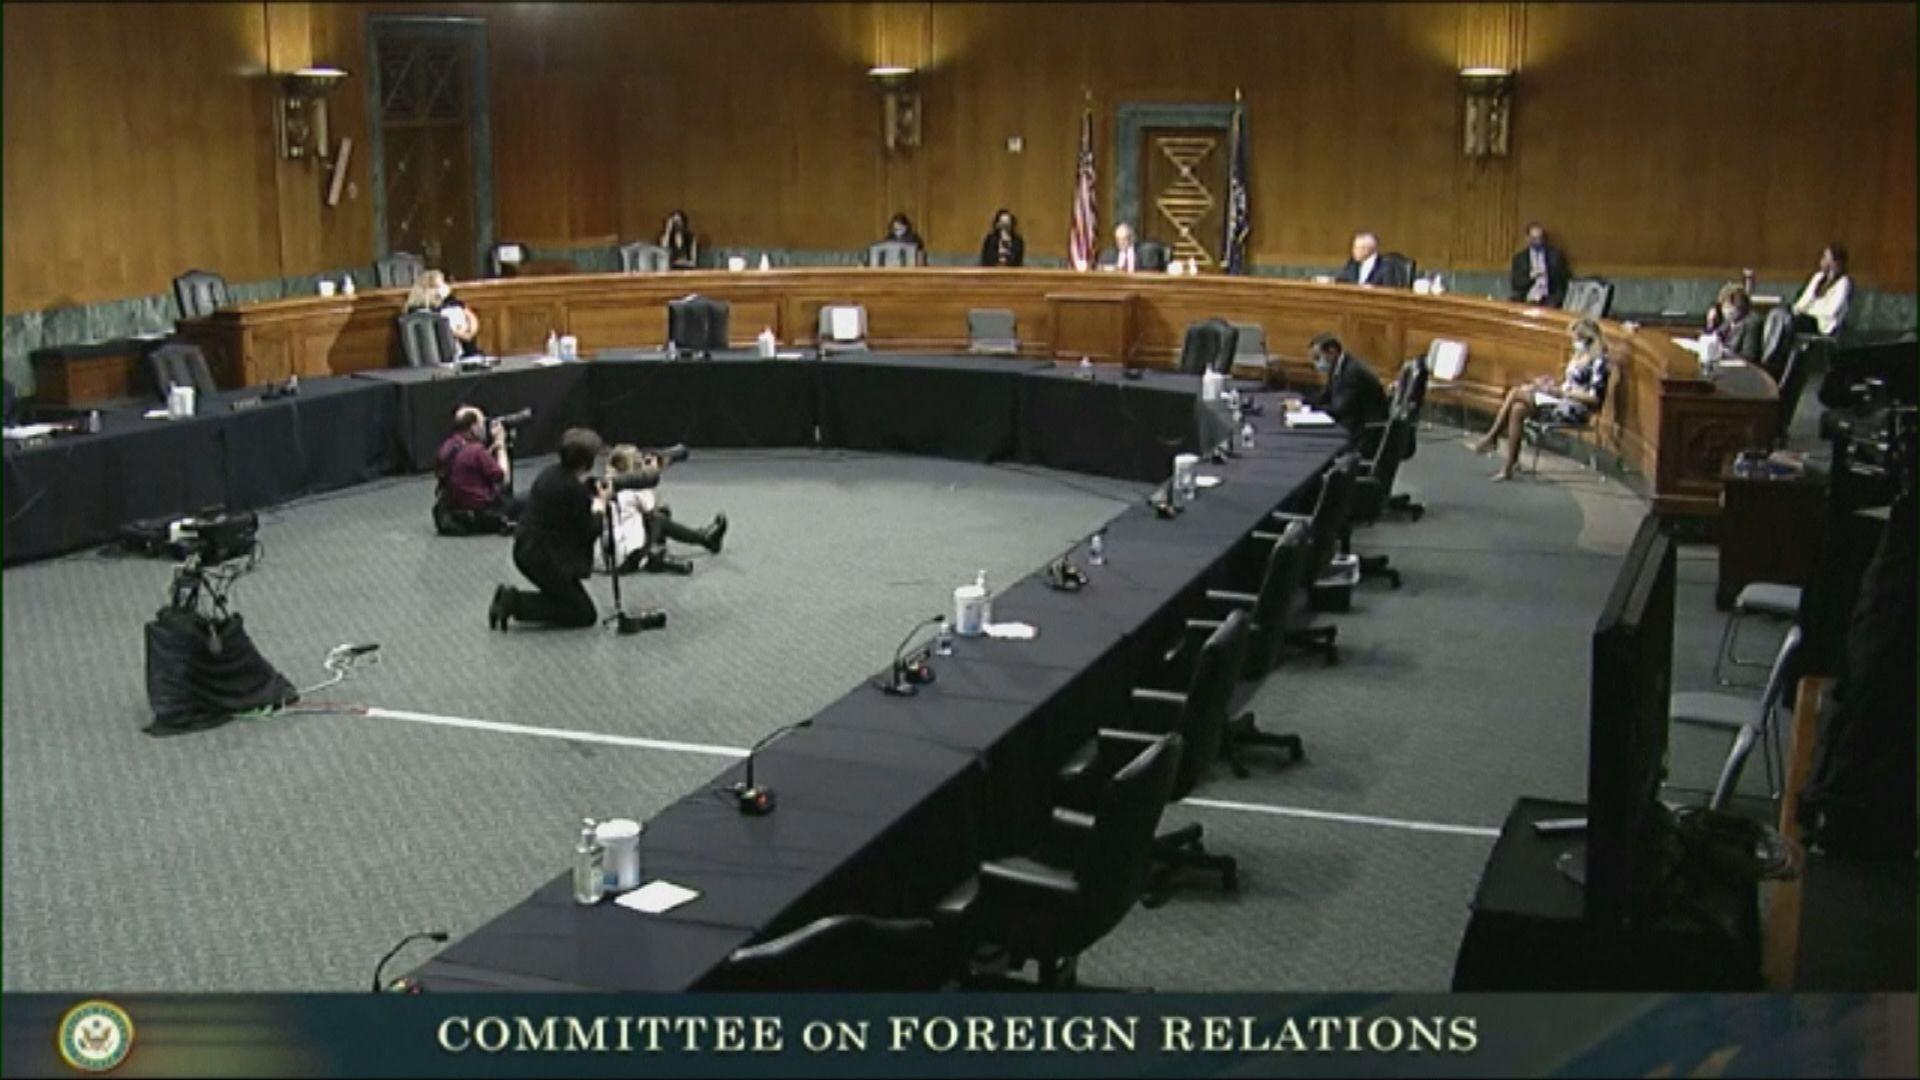 美參議員提出法案 向因港區國安法面臨被檢控港人給予難民庇護